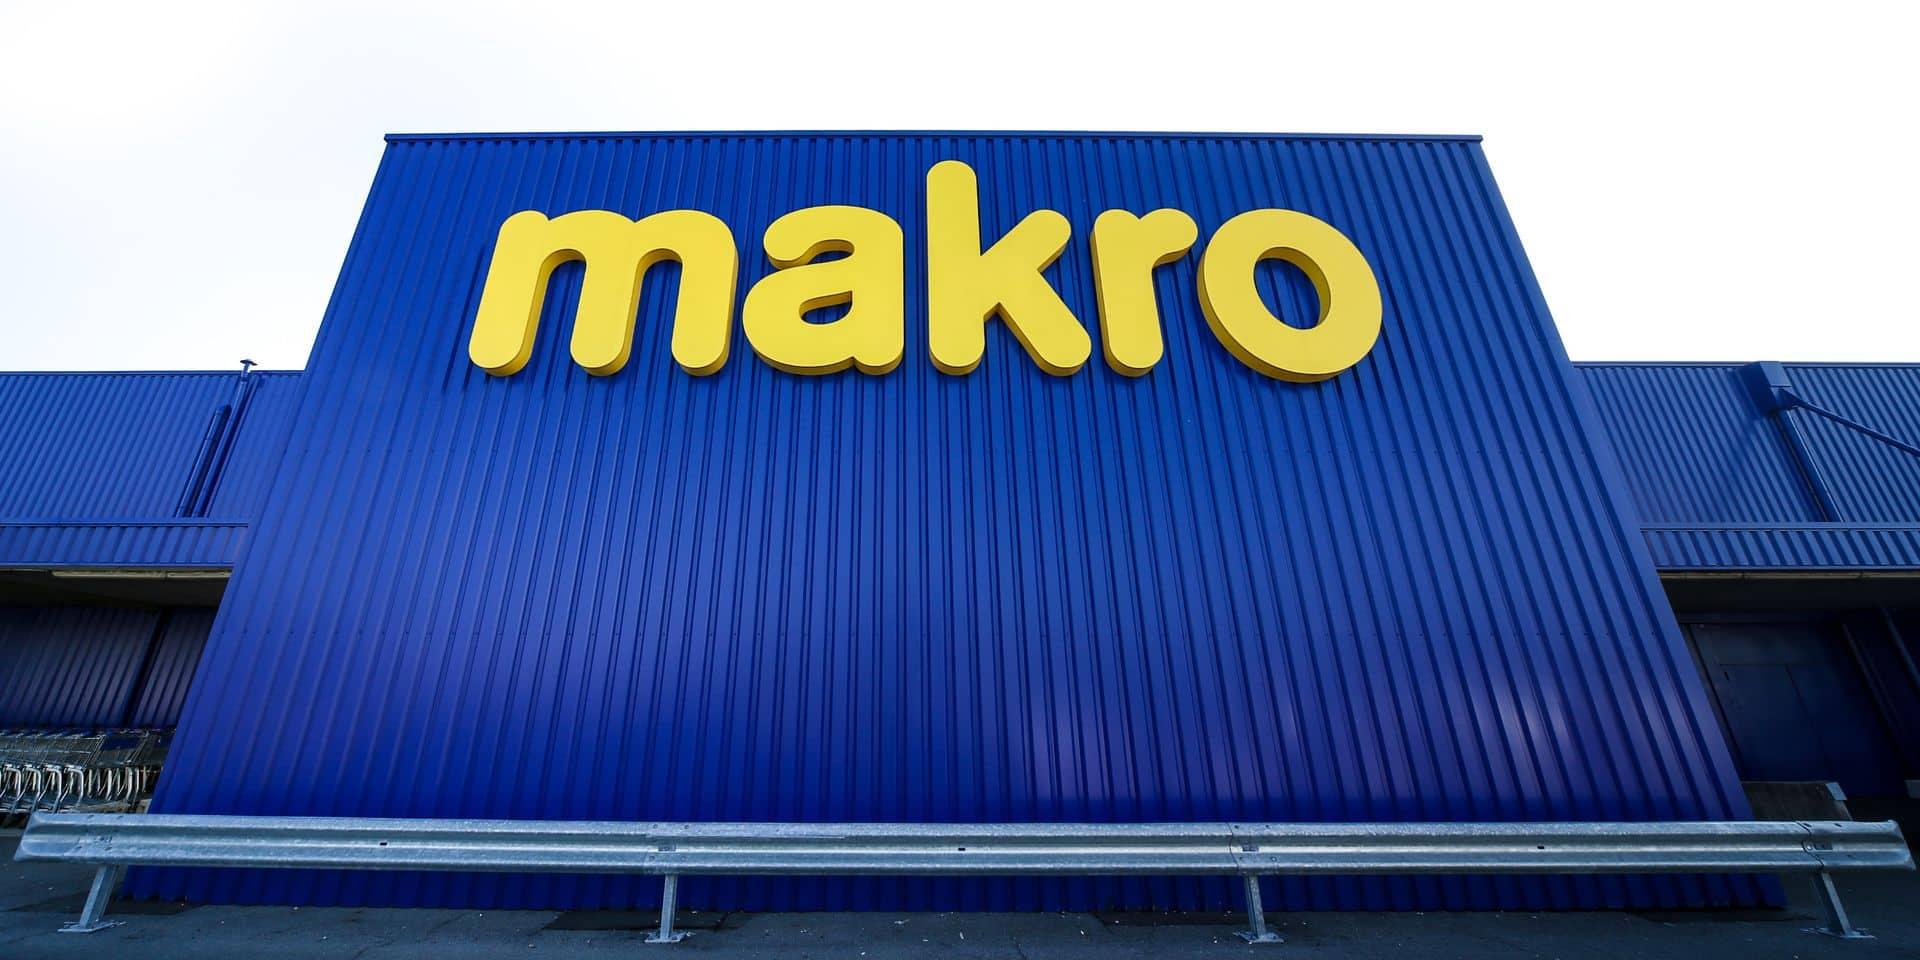 Les magasins Makro ne seront pas en grève cette semaine mais le feu social couve toujours